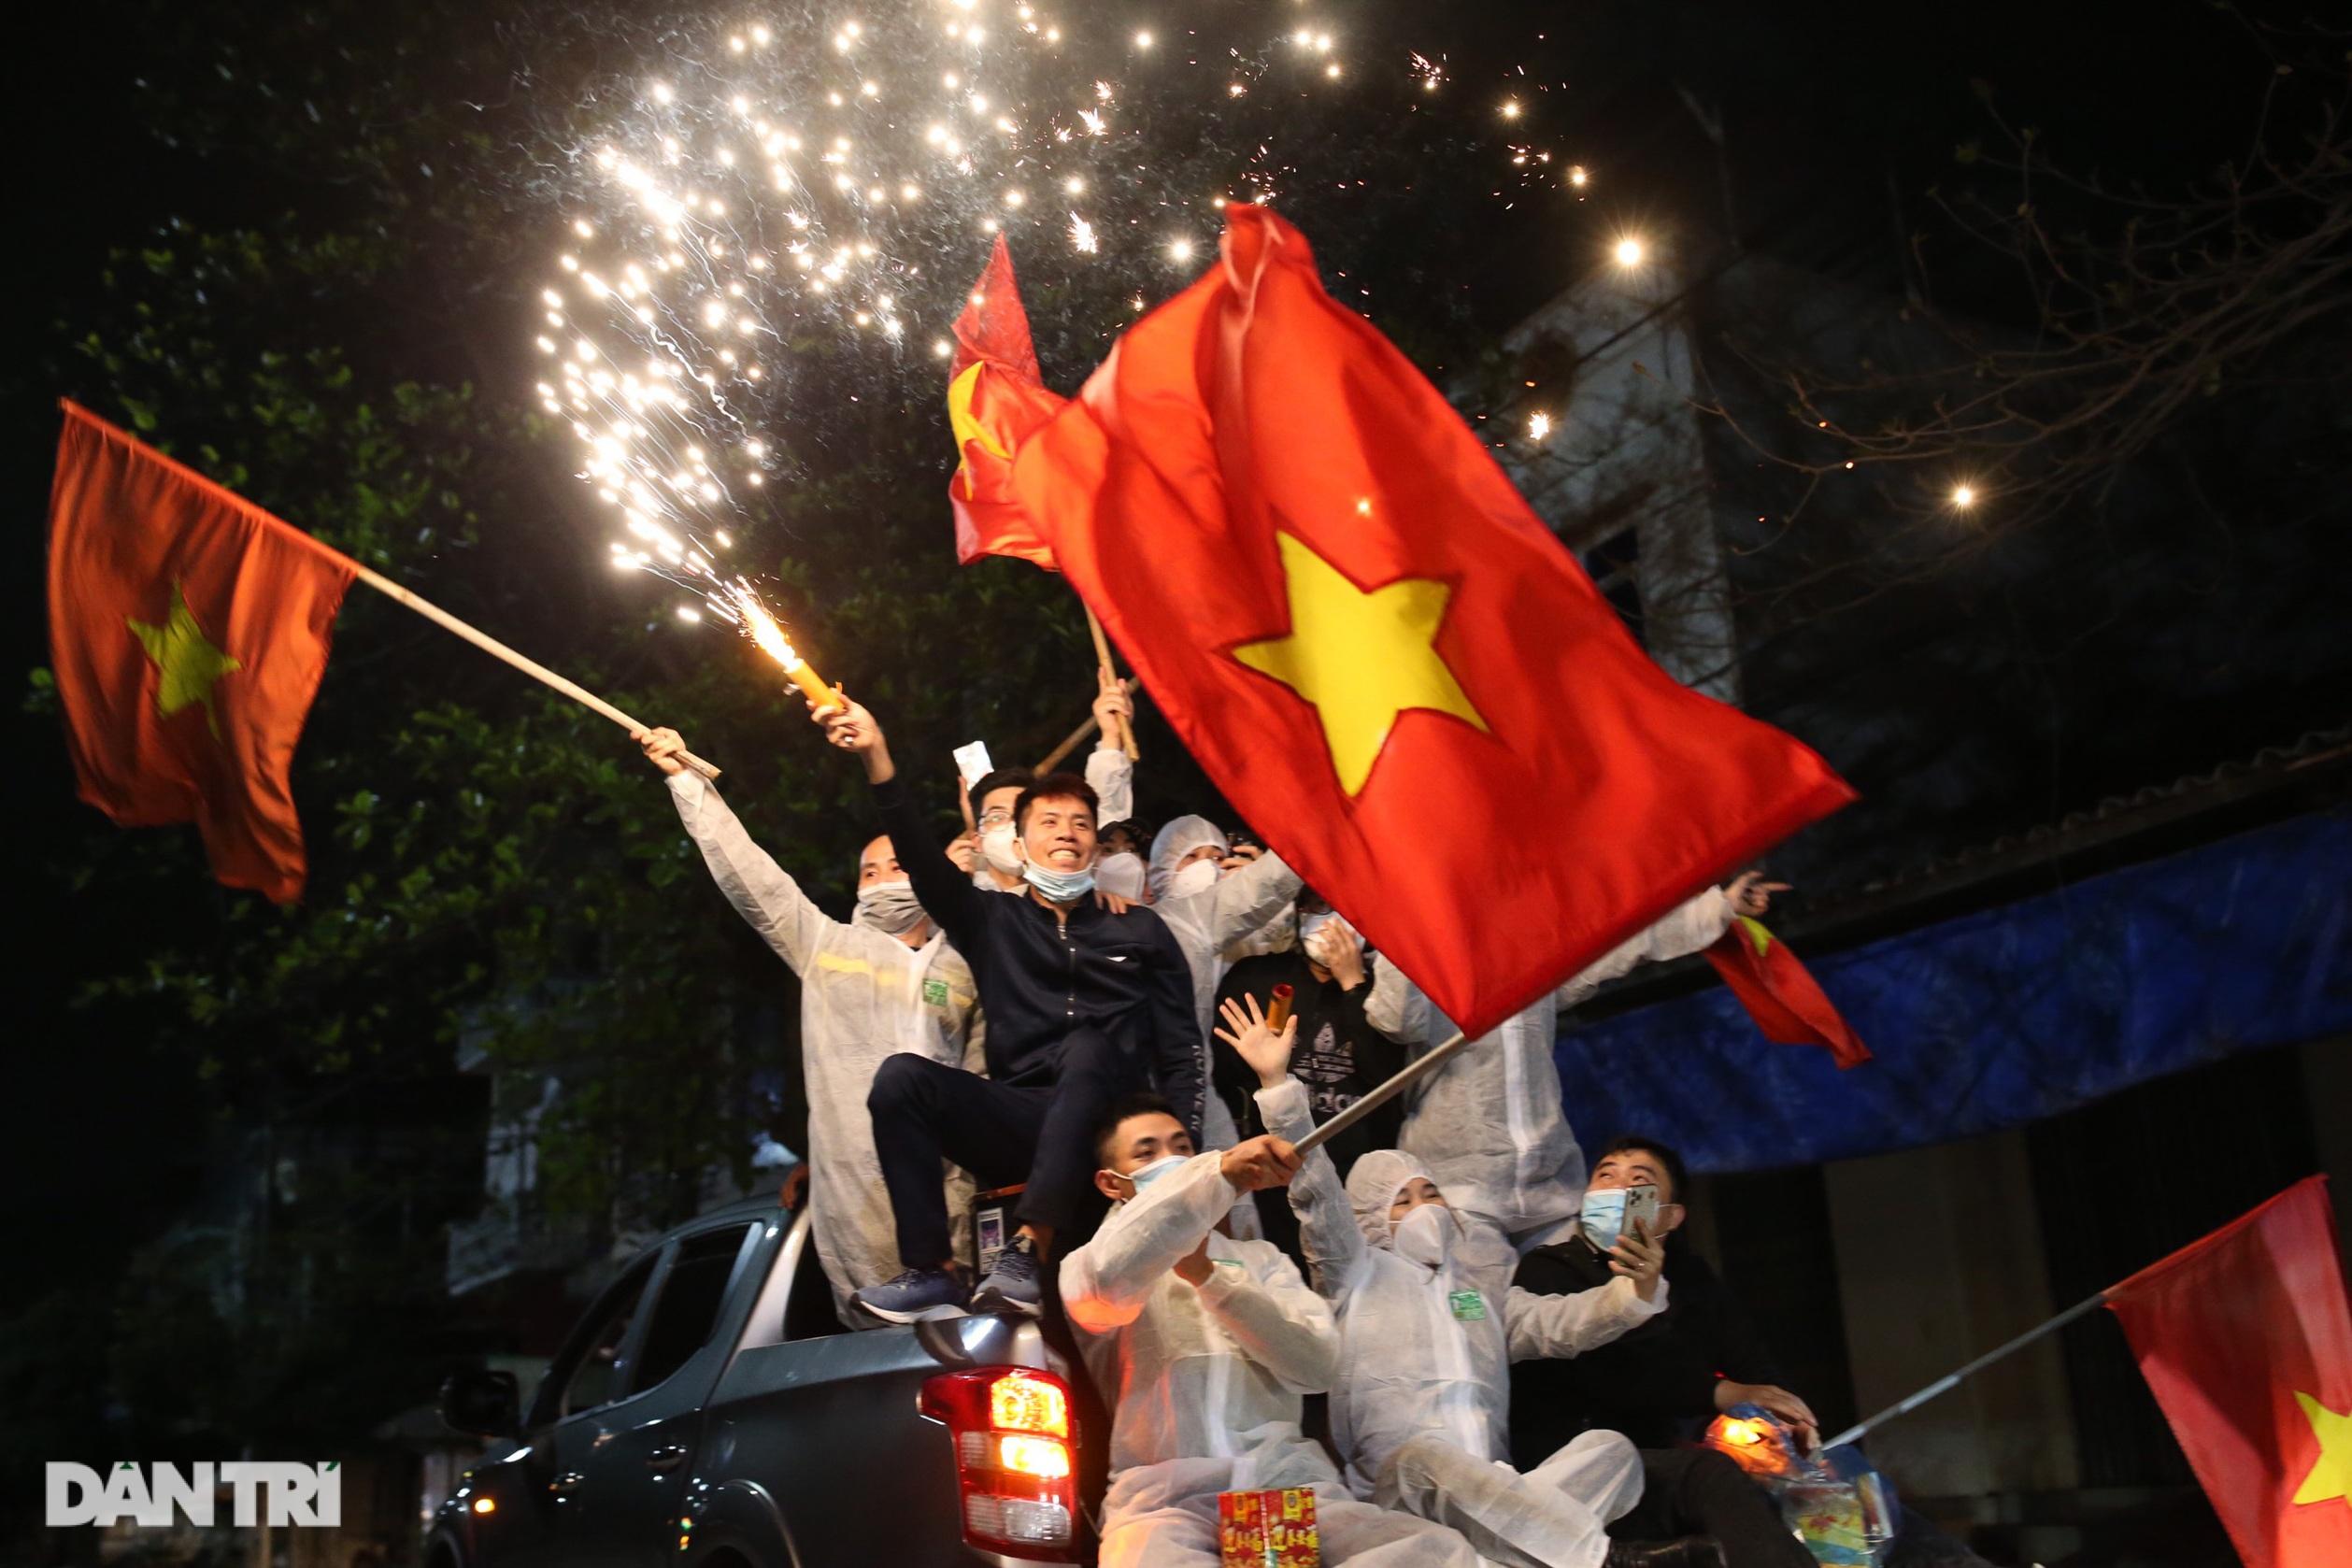 Cờ hoa rực rỡ, người dân vỡ òa cảm xúc khi TP Chí Linh được gỡ phong tỏa - 18